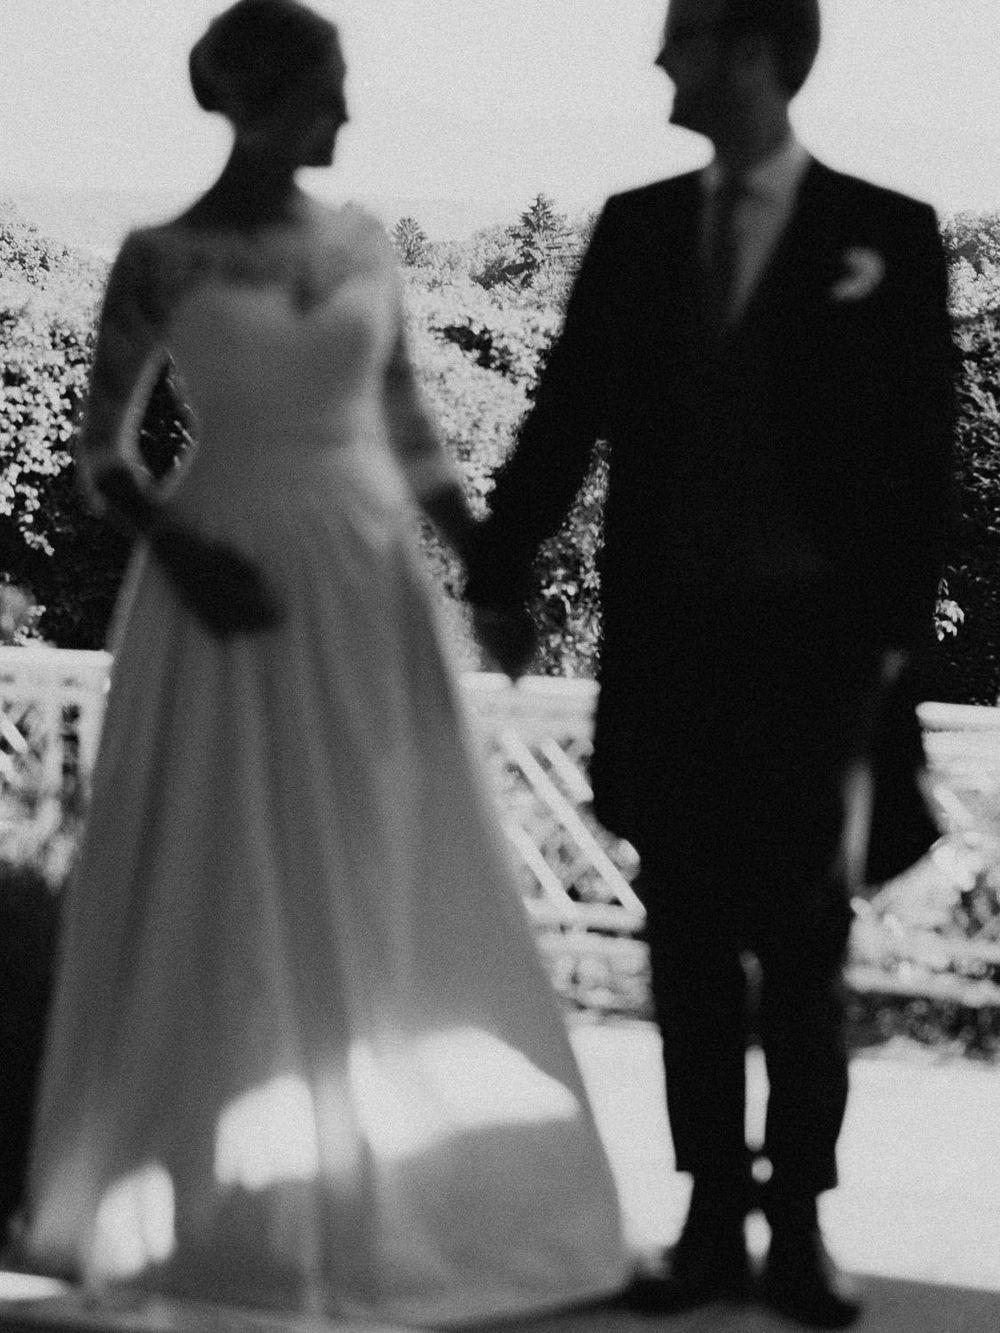 Hochzeitspaar in der Unschärfe